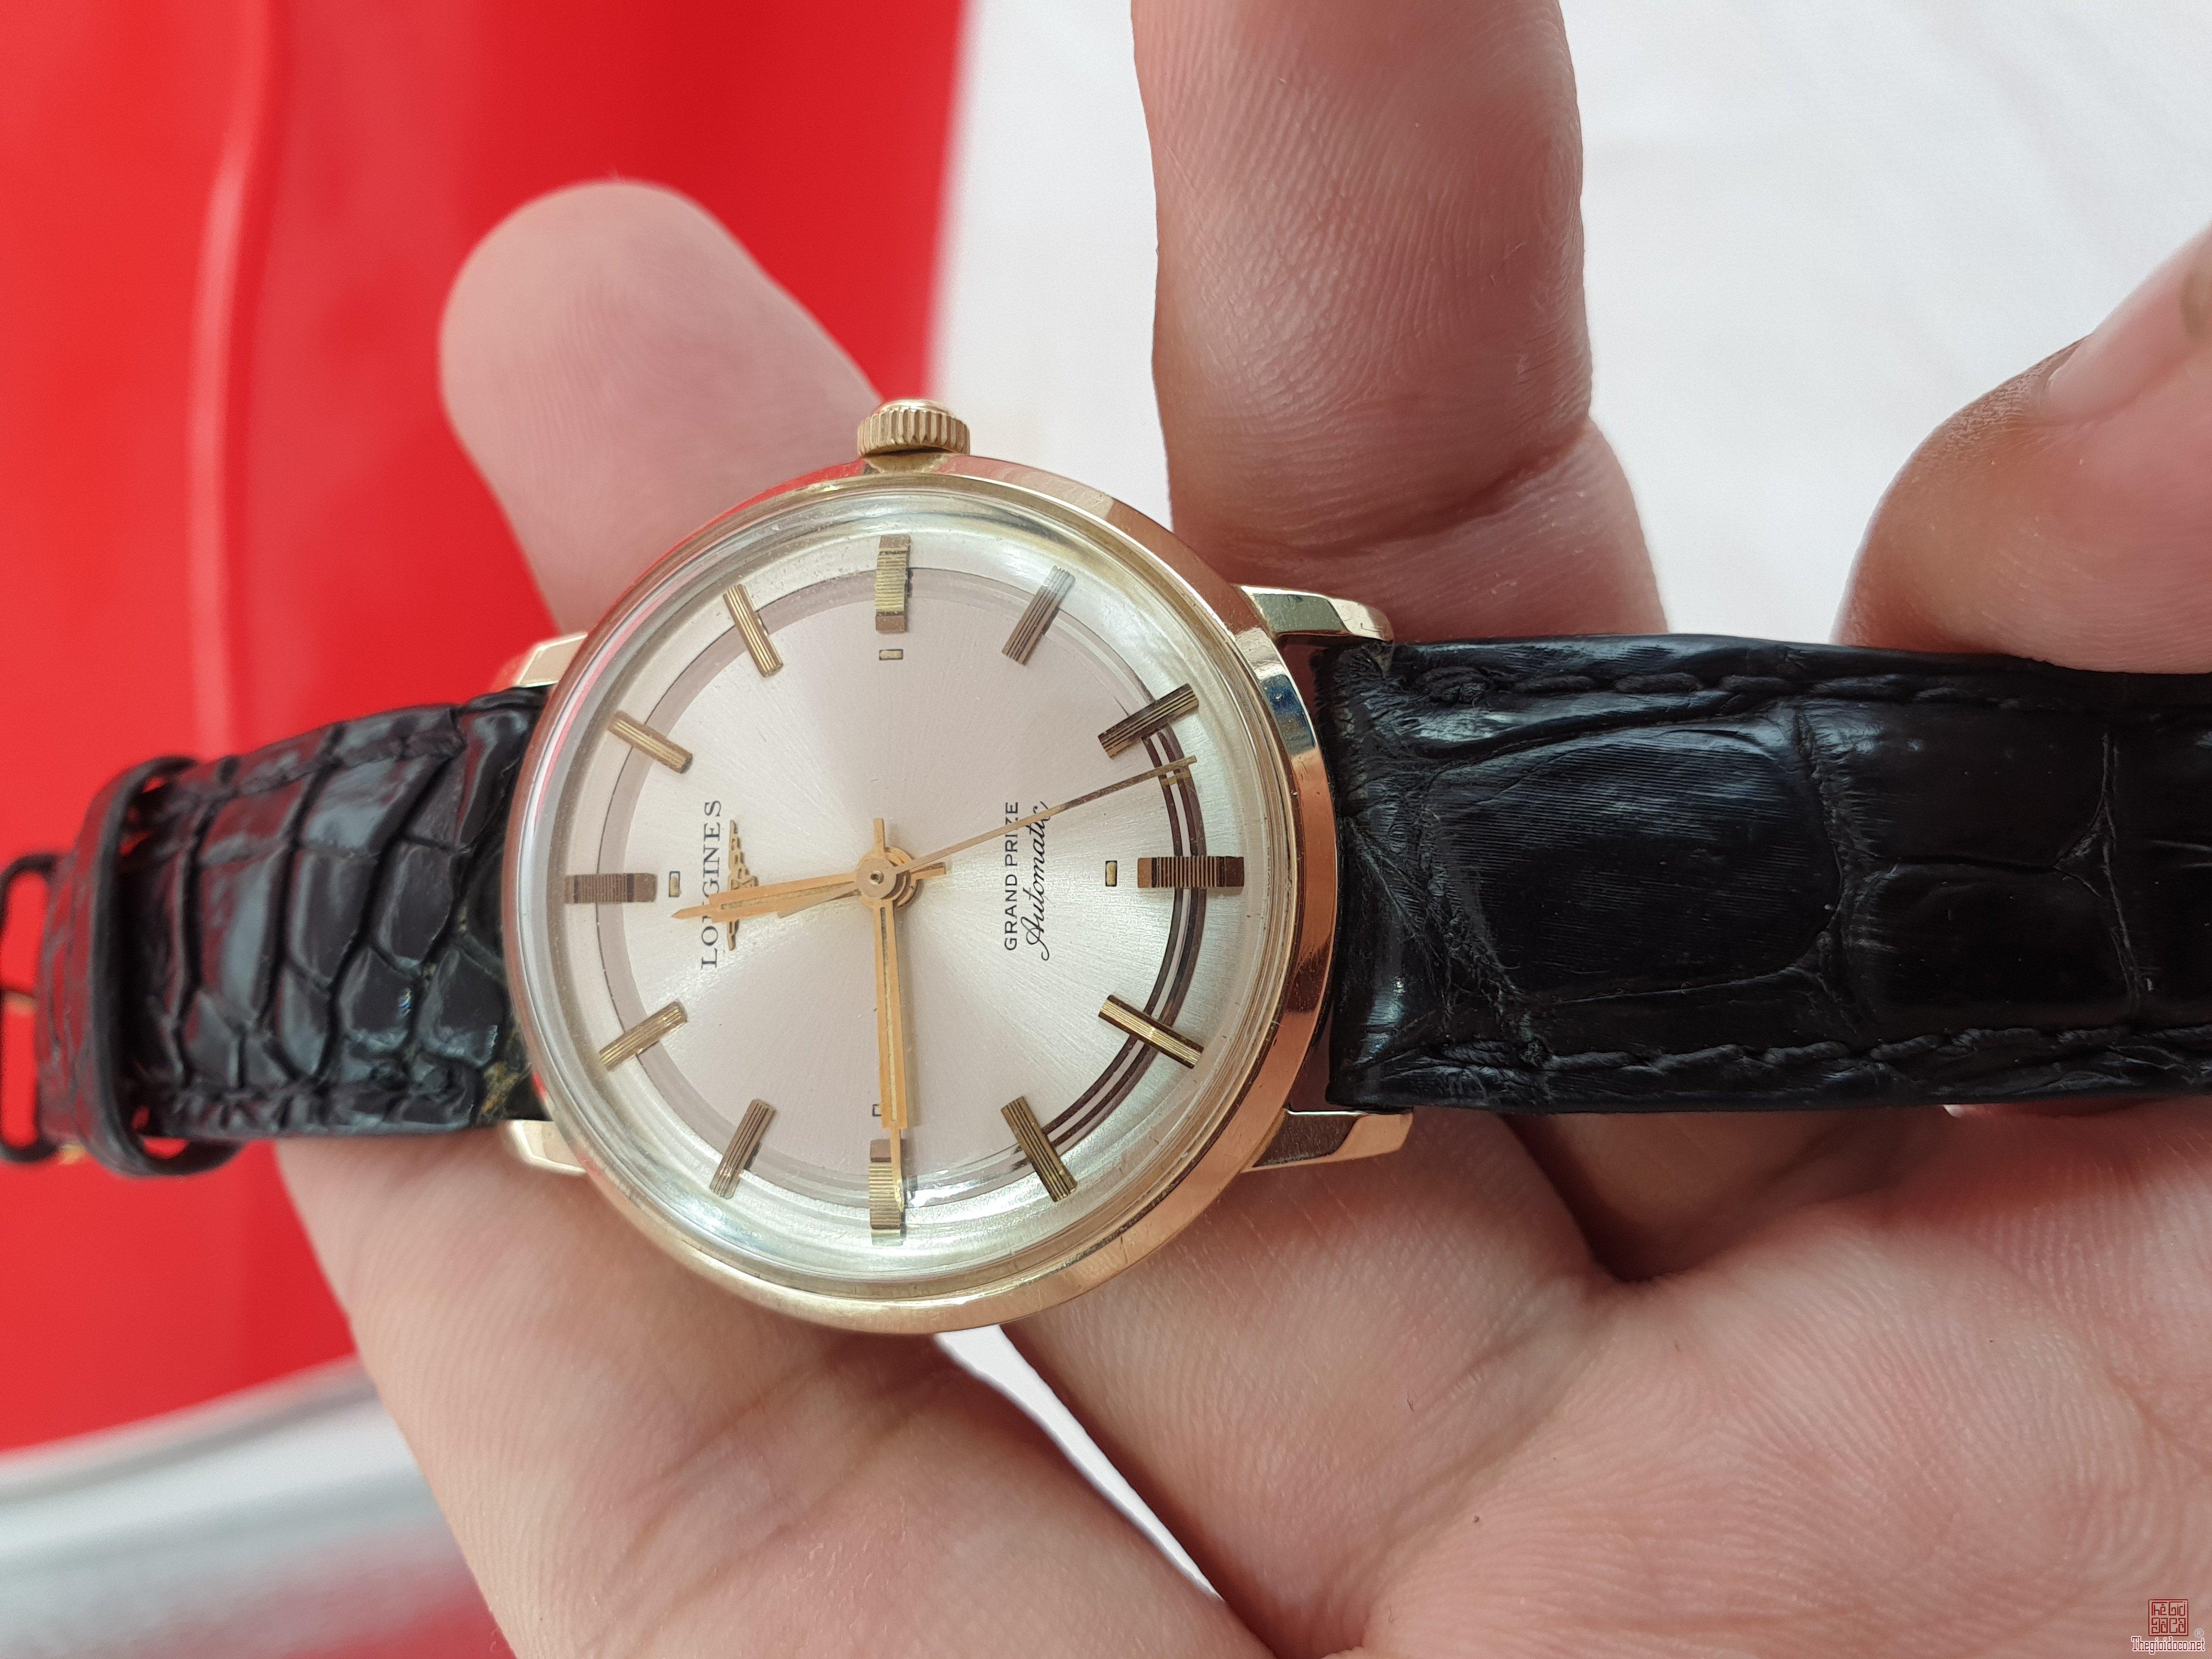 Đồng hồ Longines grand prize vỏ đơmi xưa chính hãng thụy sỹ